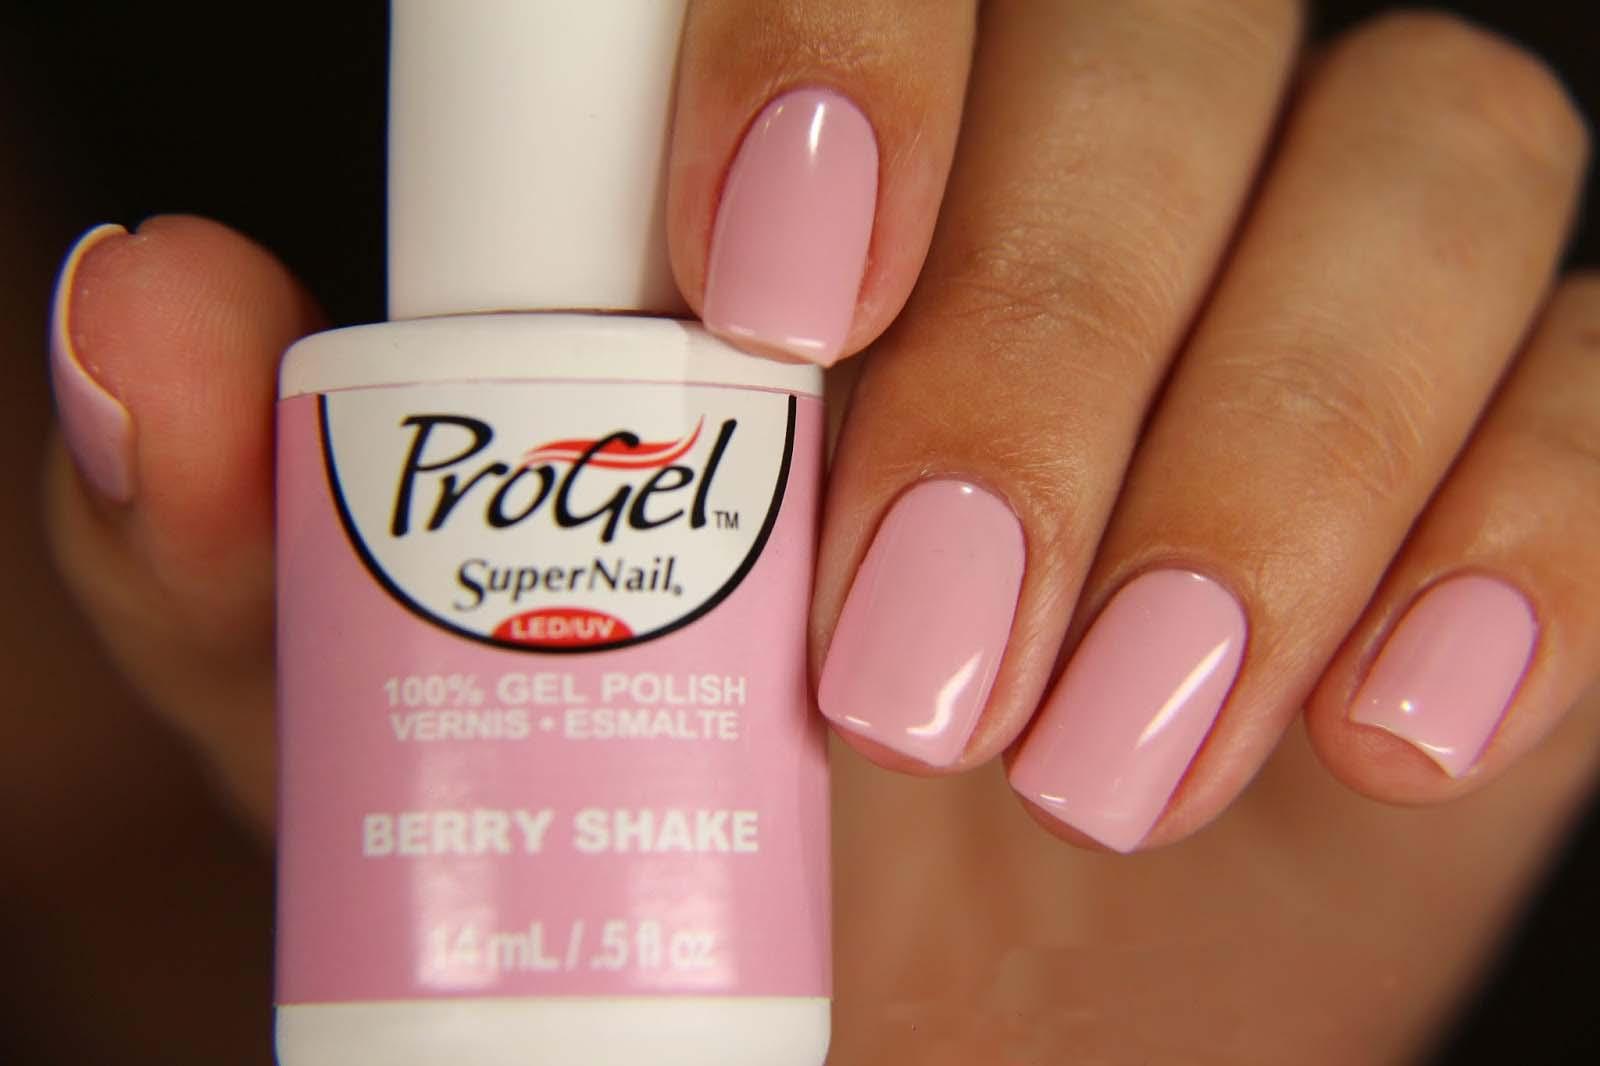 """Маникюр, педикюр, массаж, френч, долговременное покрытие """"Shellac"""", """"Pro gel"""" от 8 руб."""